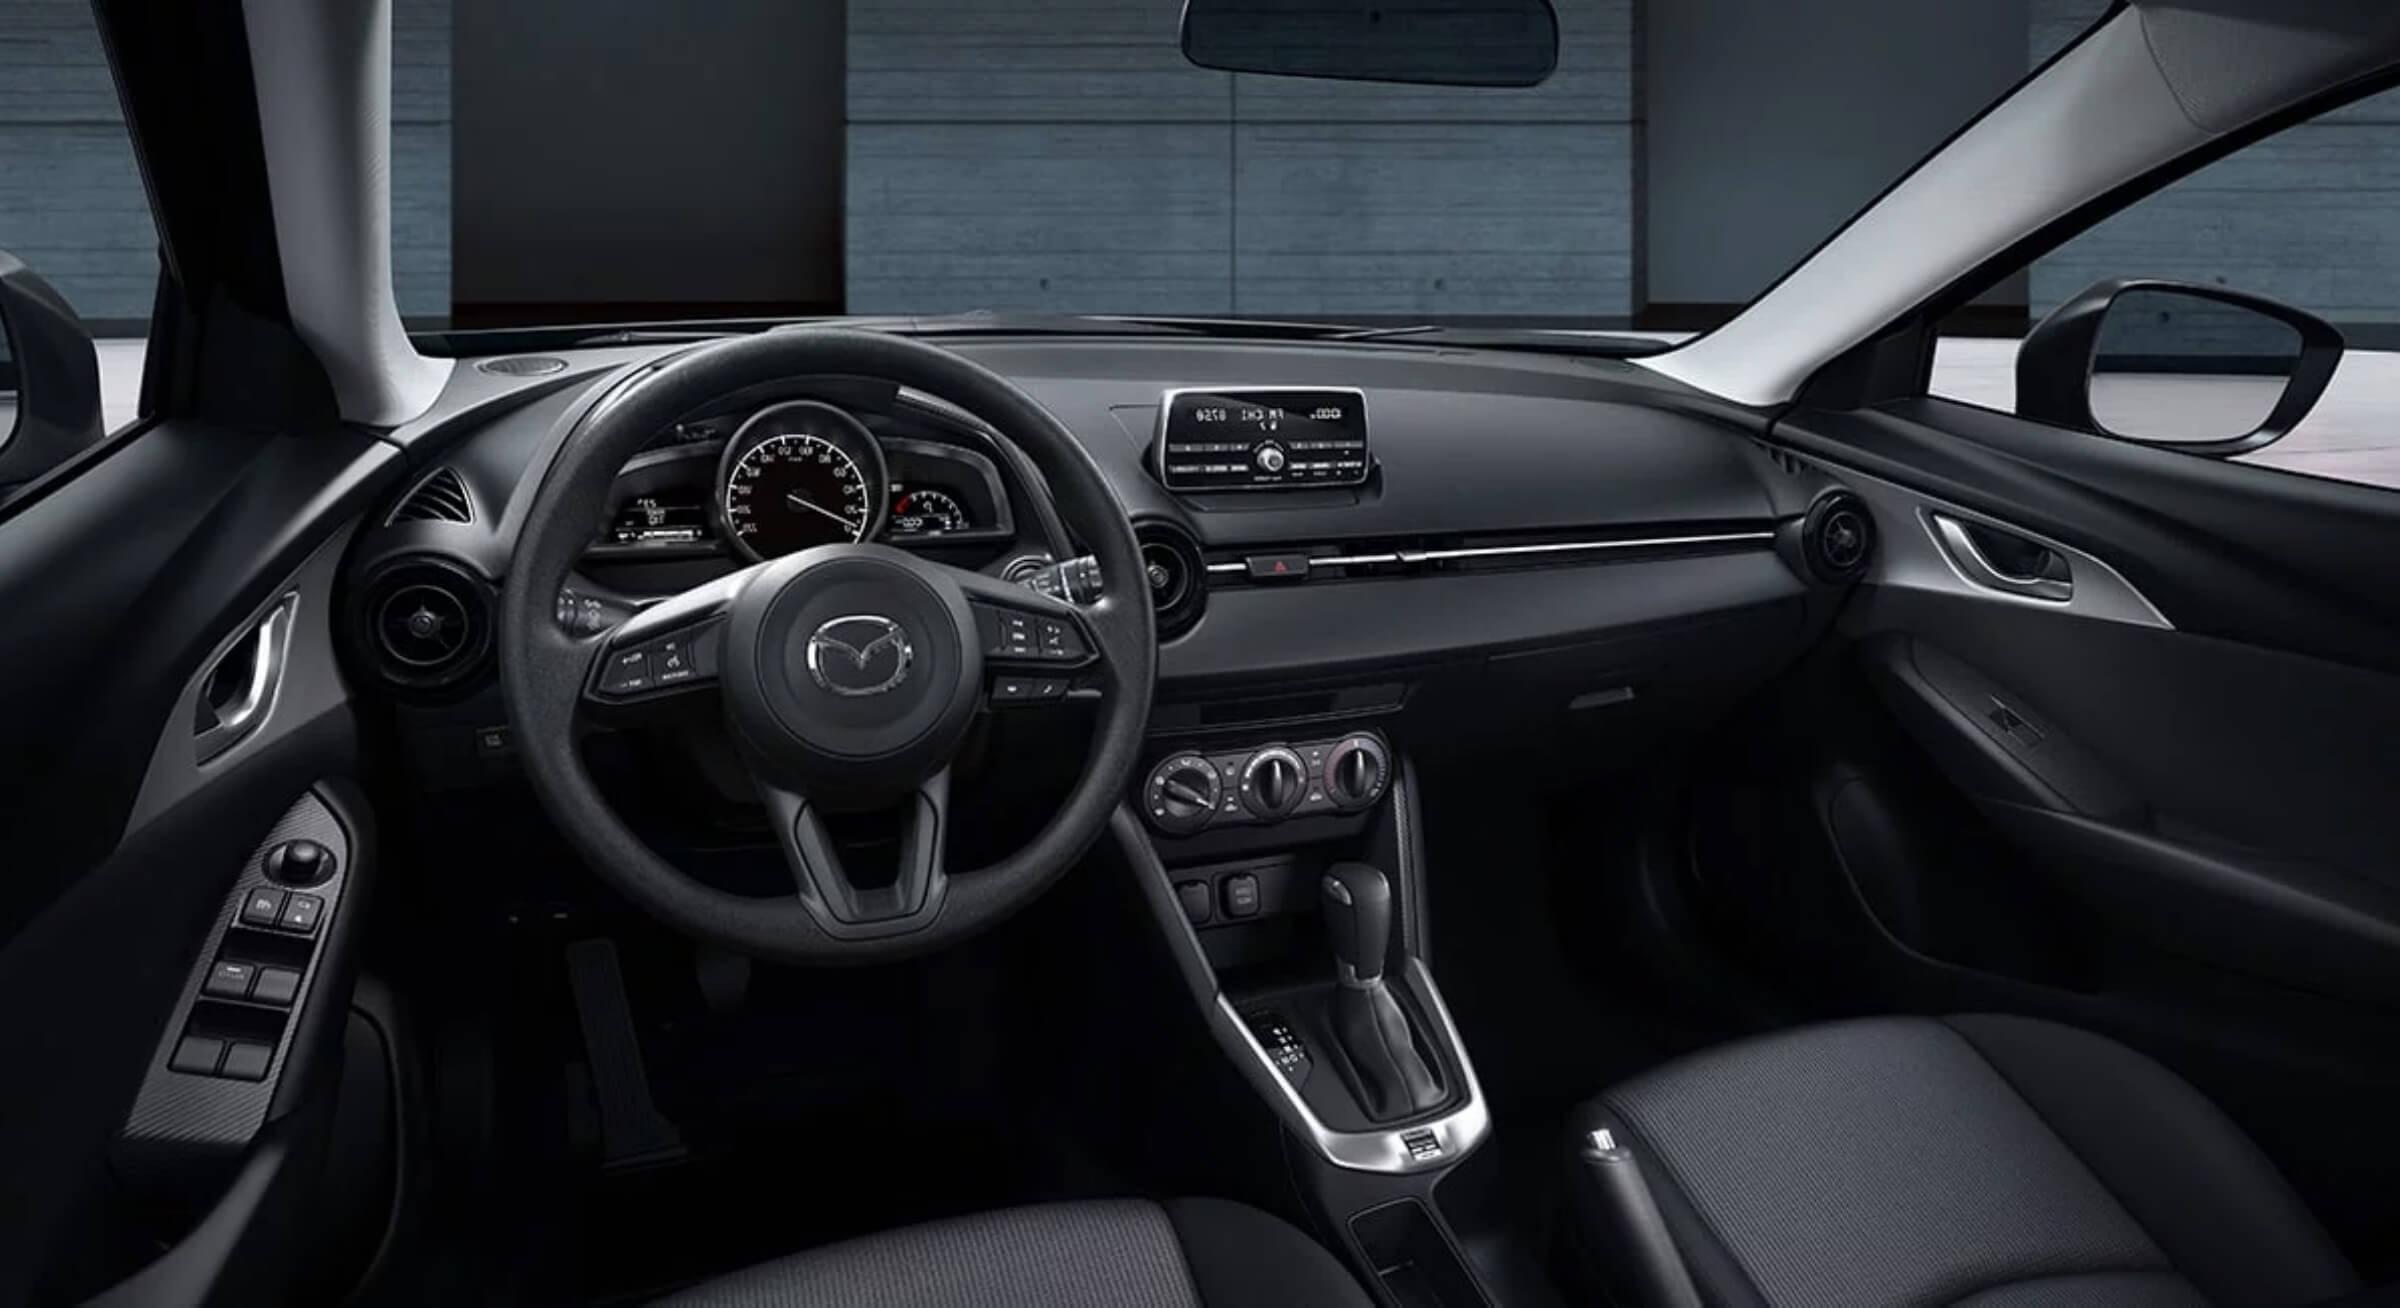 Black Leather Mazda Cx3 Interior Foto 1